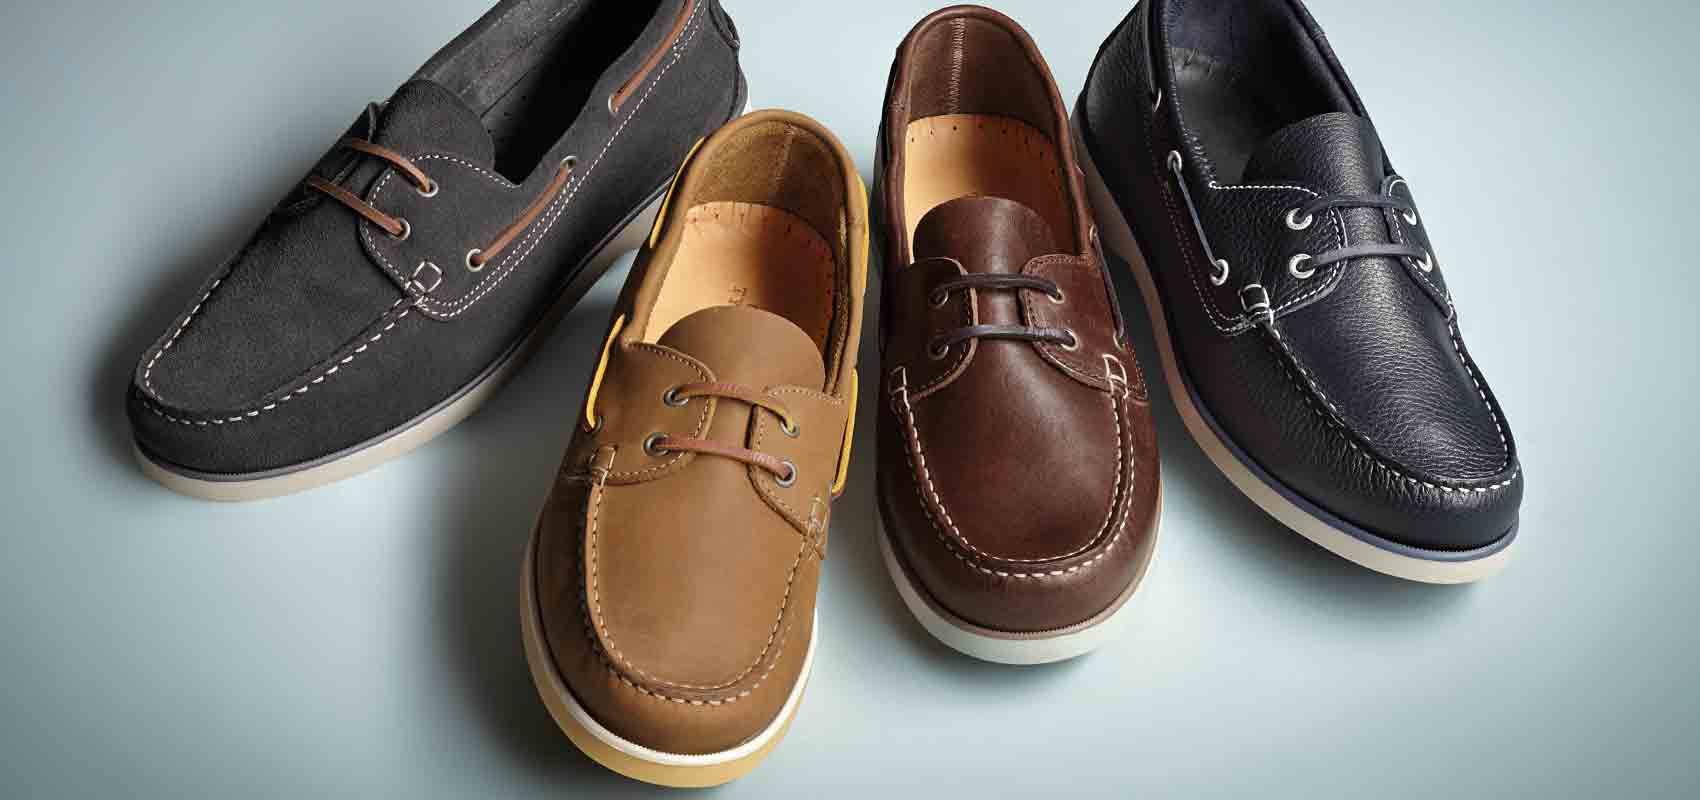 Charles Tyrwhitt boat shoes